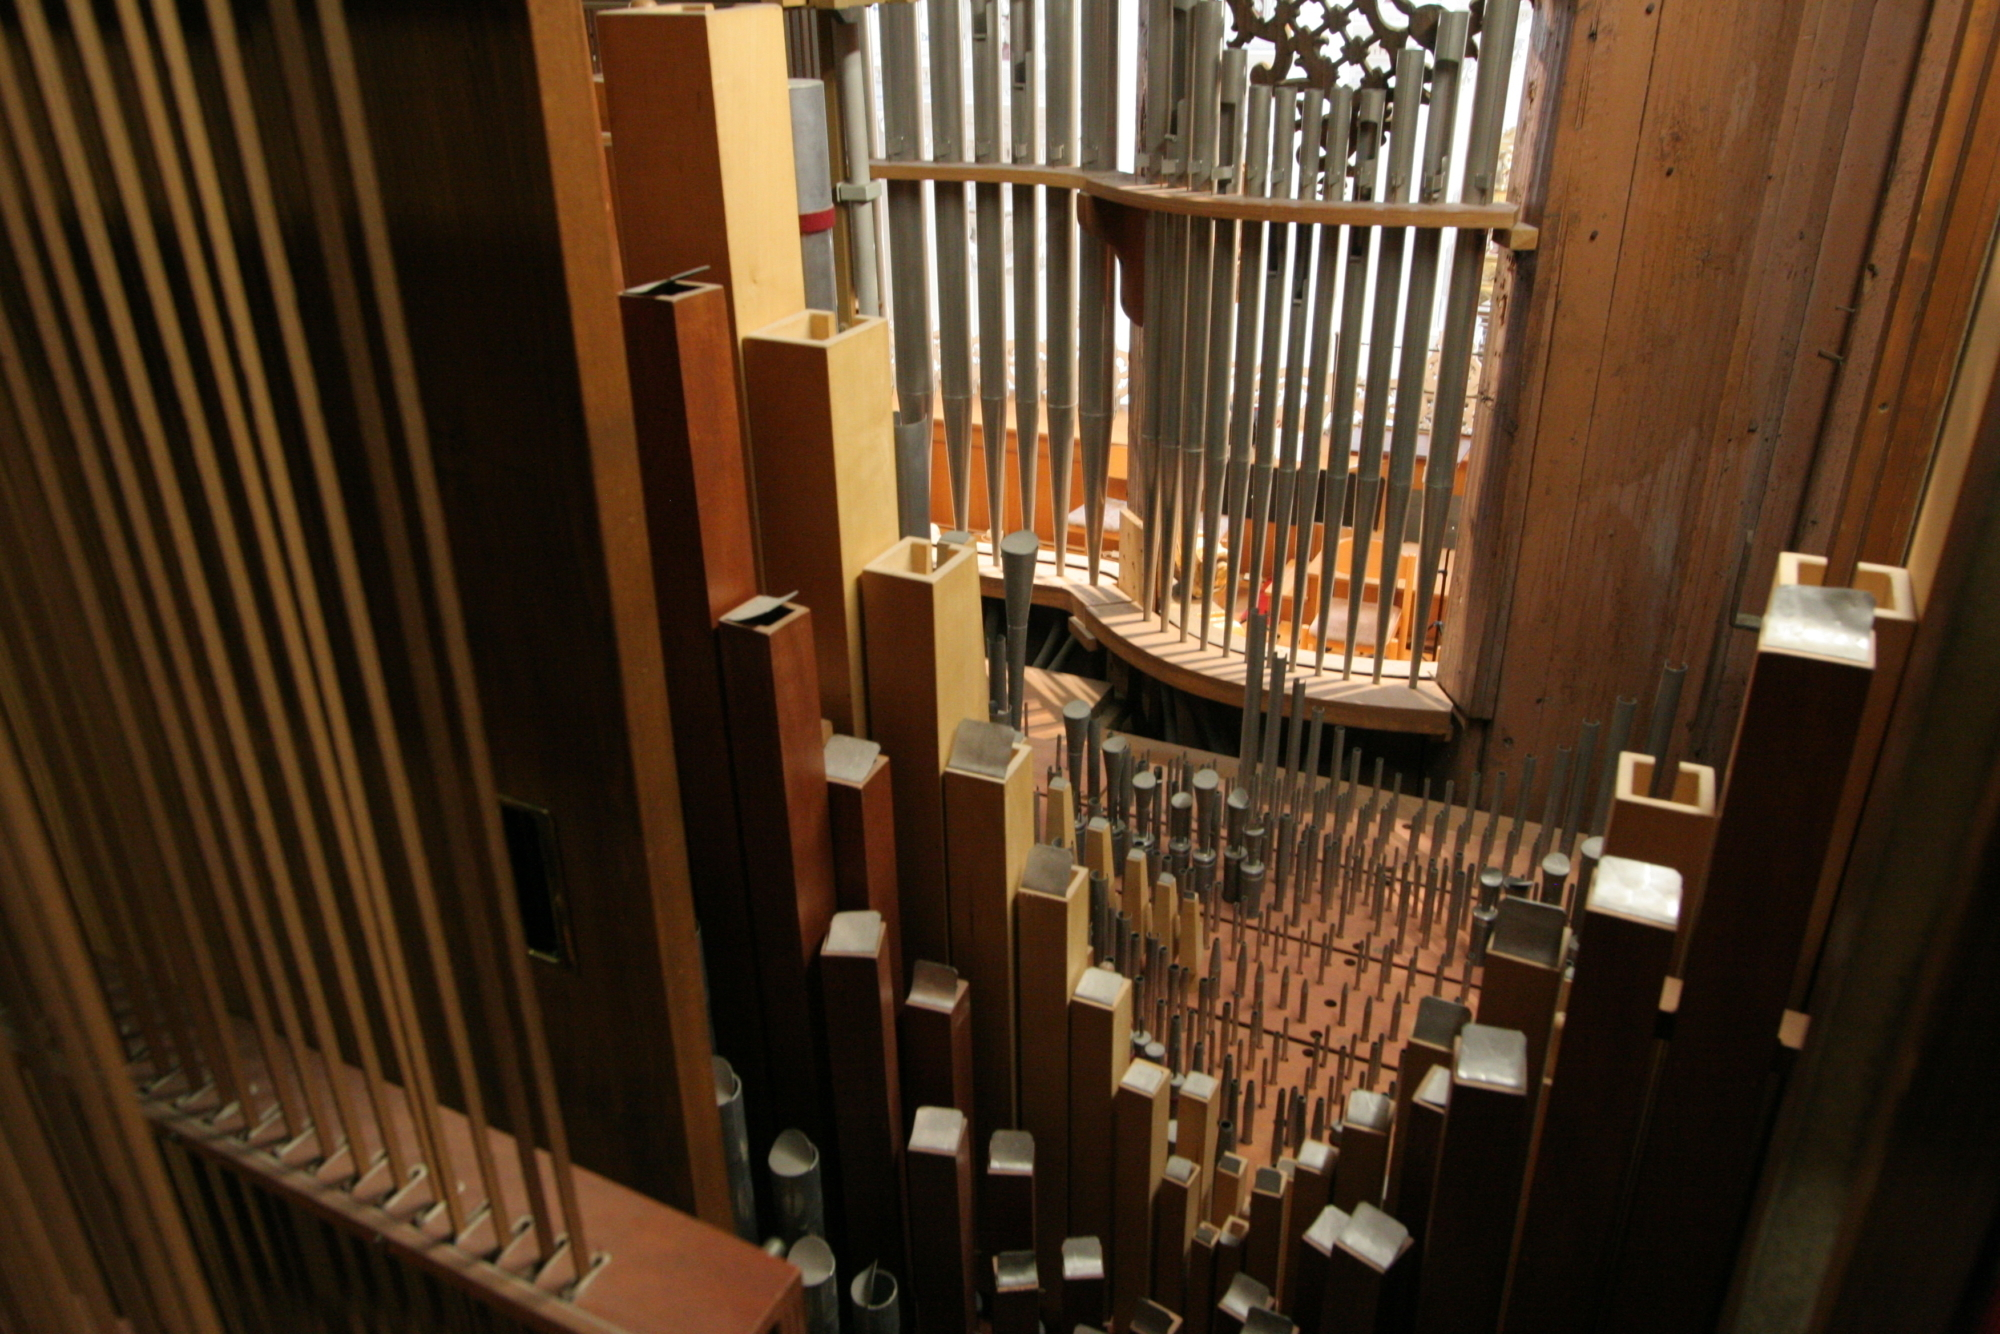 Orgel, Orgelpfeifen